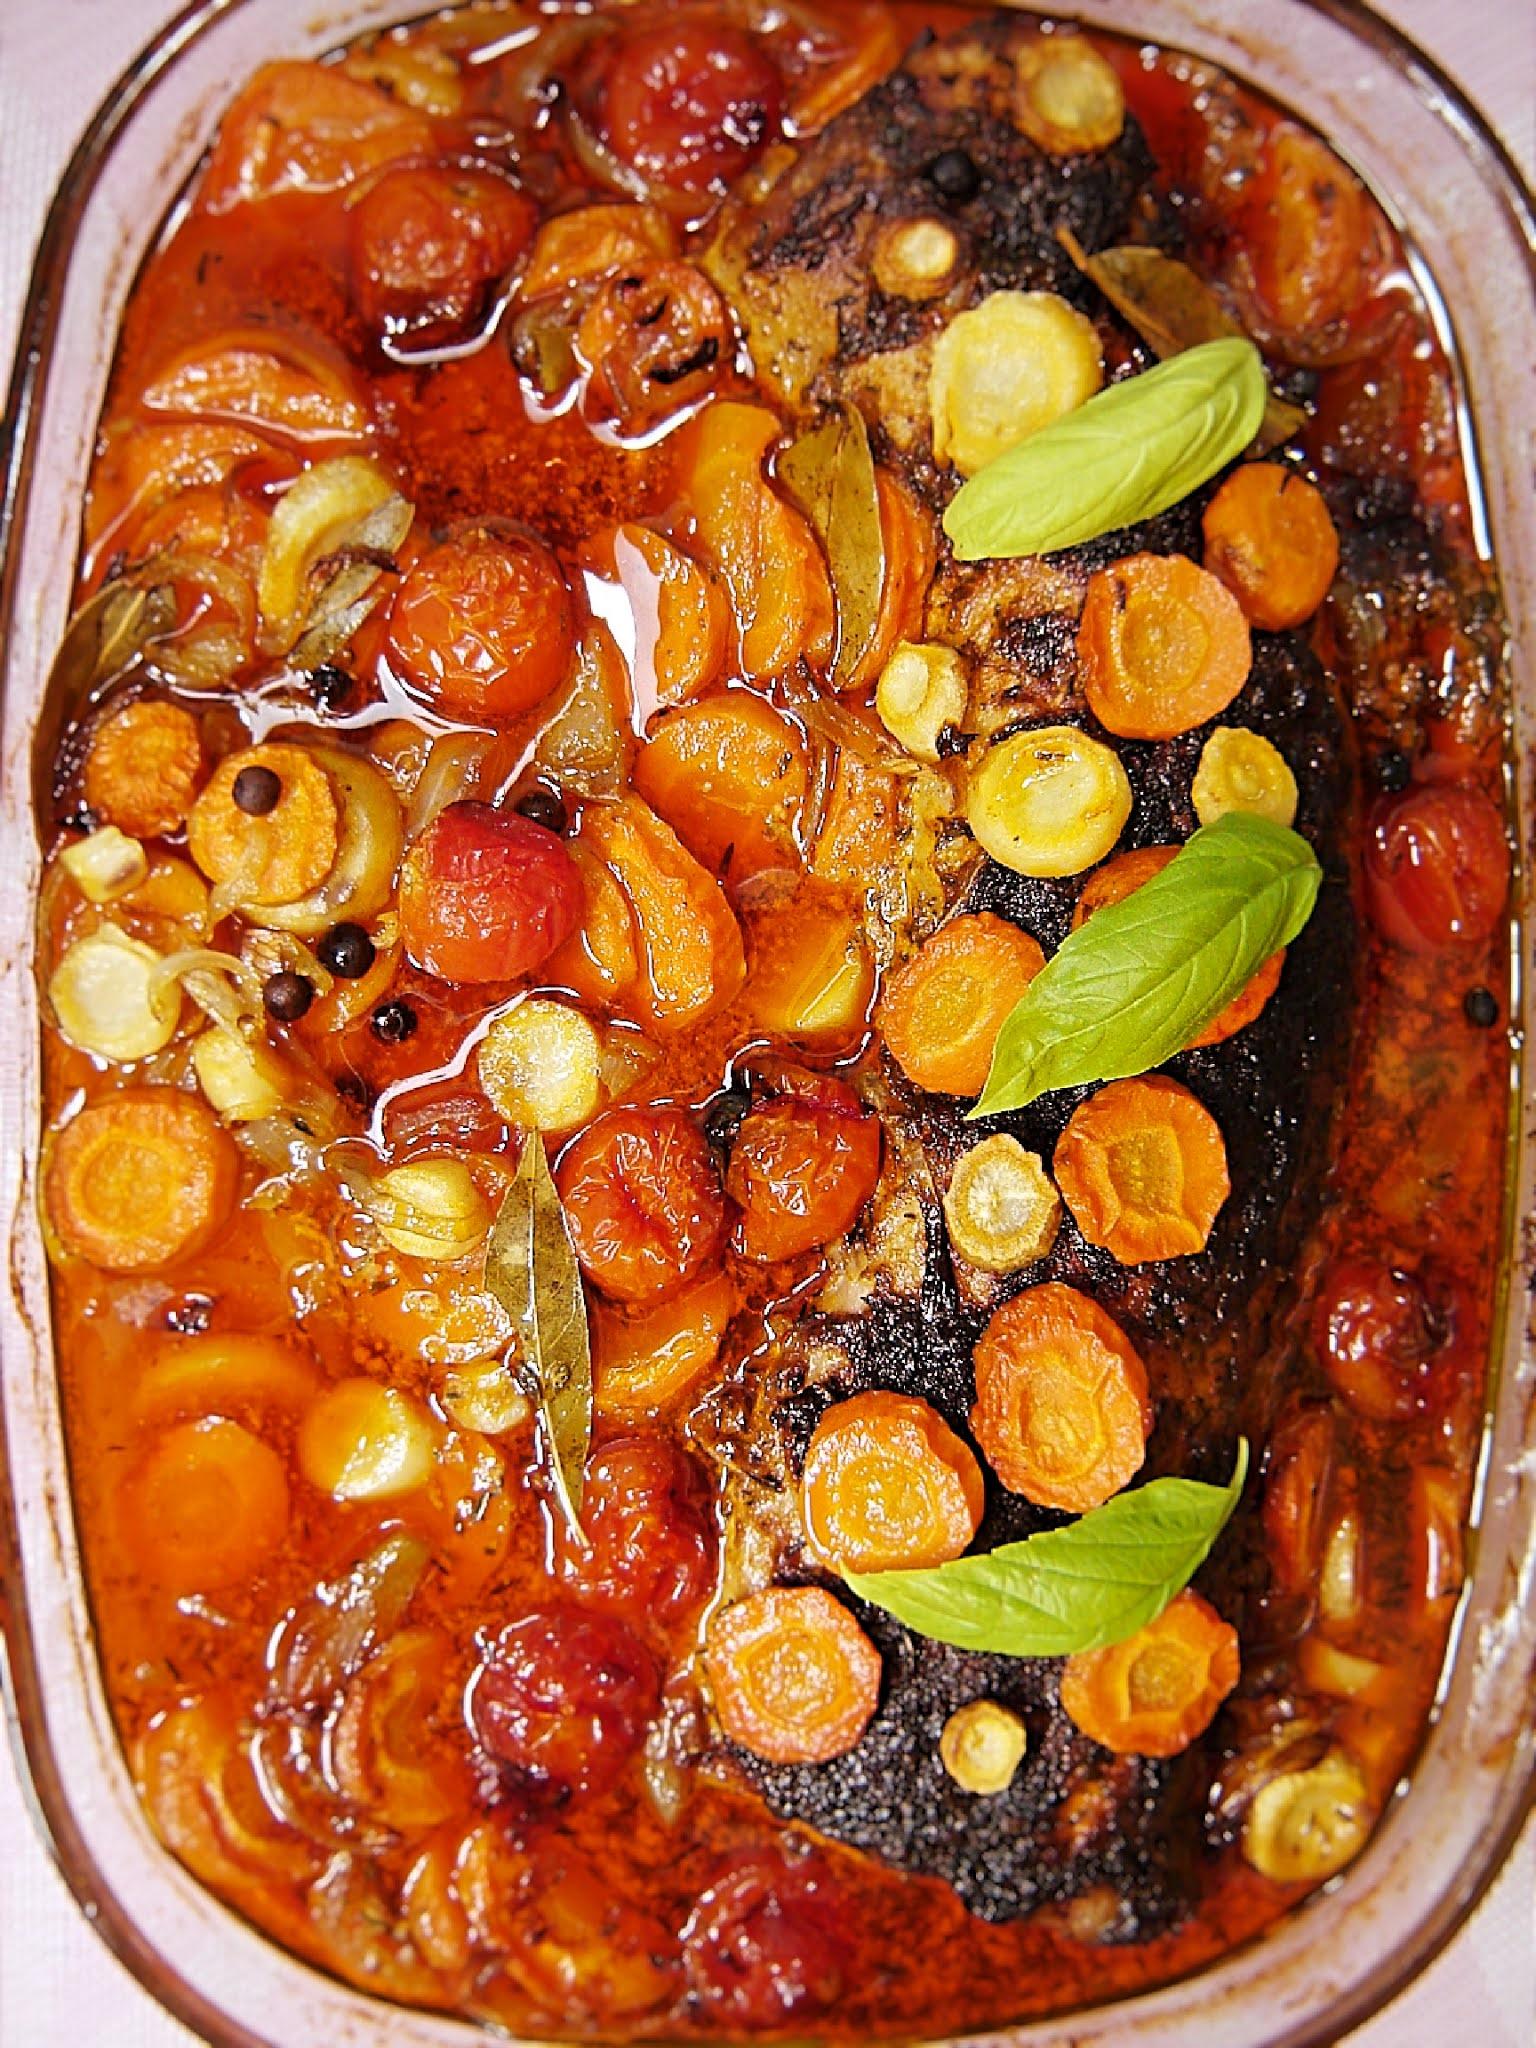 Schab pieczony z warzywami